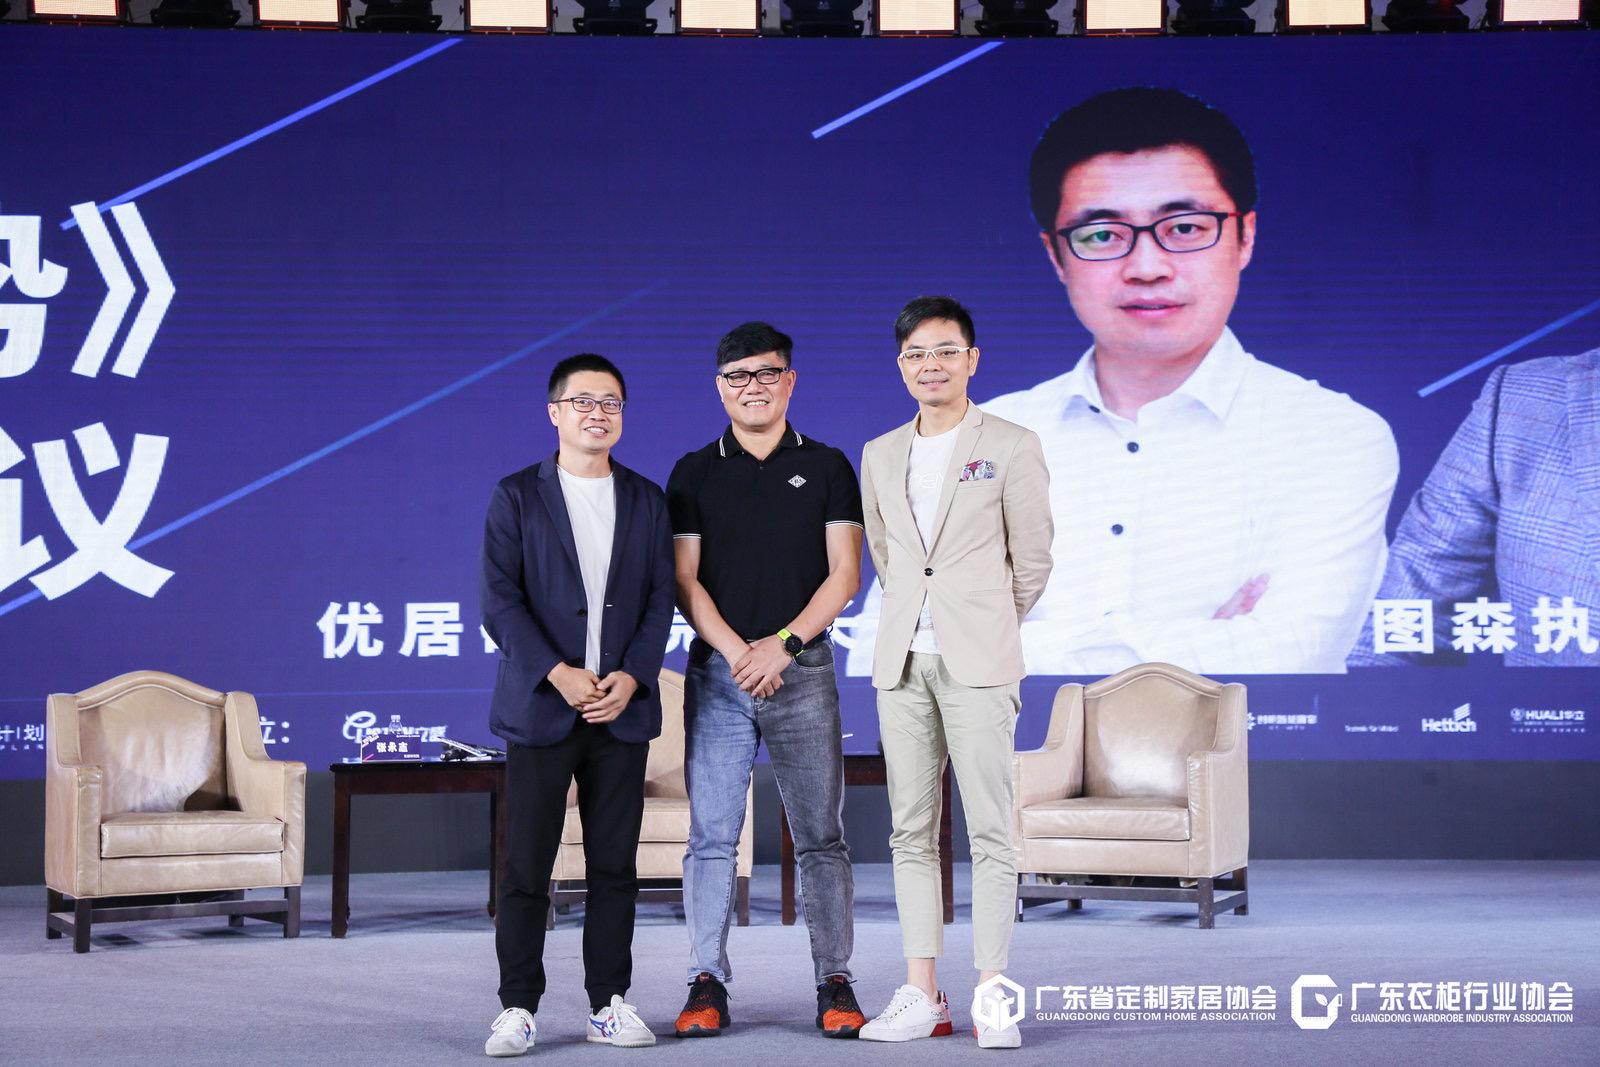 【峰会回顾】图森王维扬VS创思覃思:高定是未来新趋势